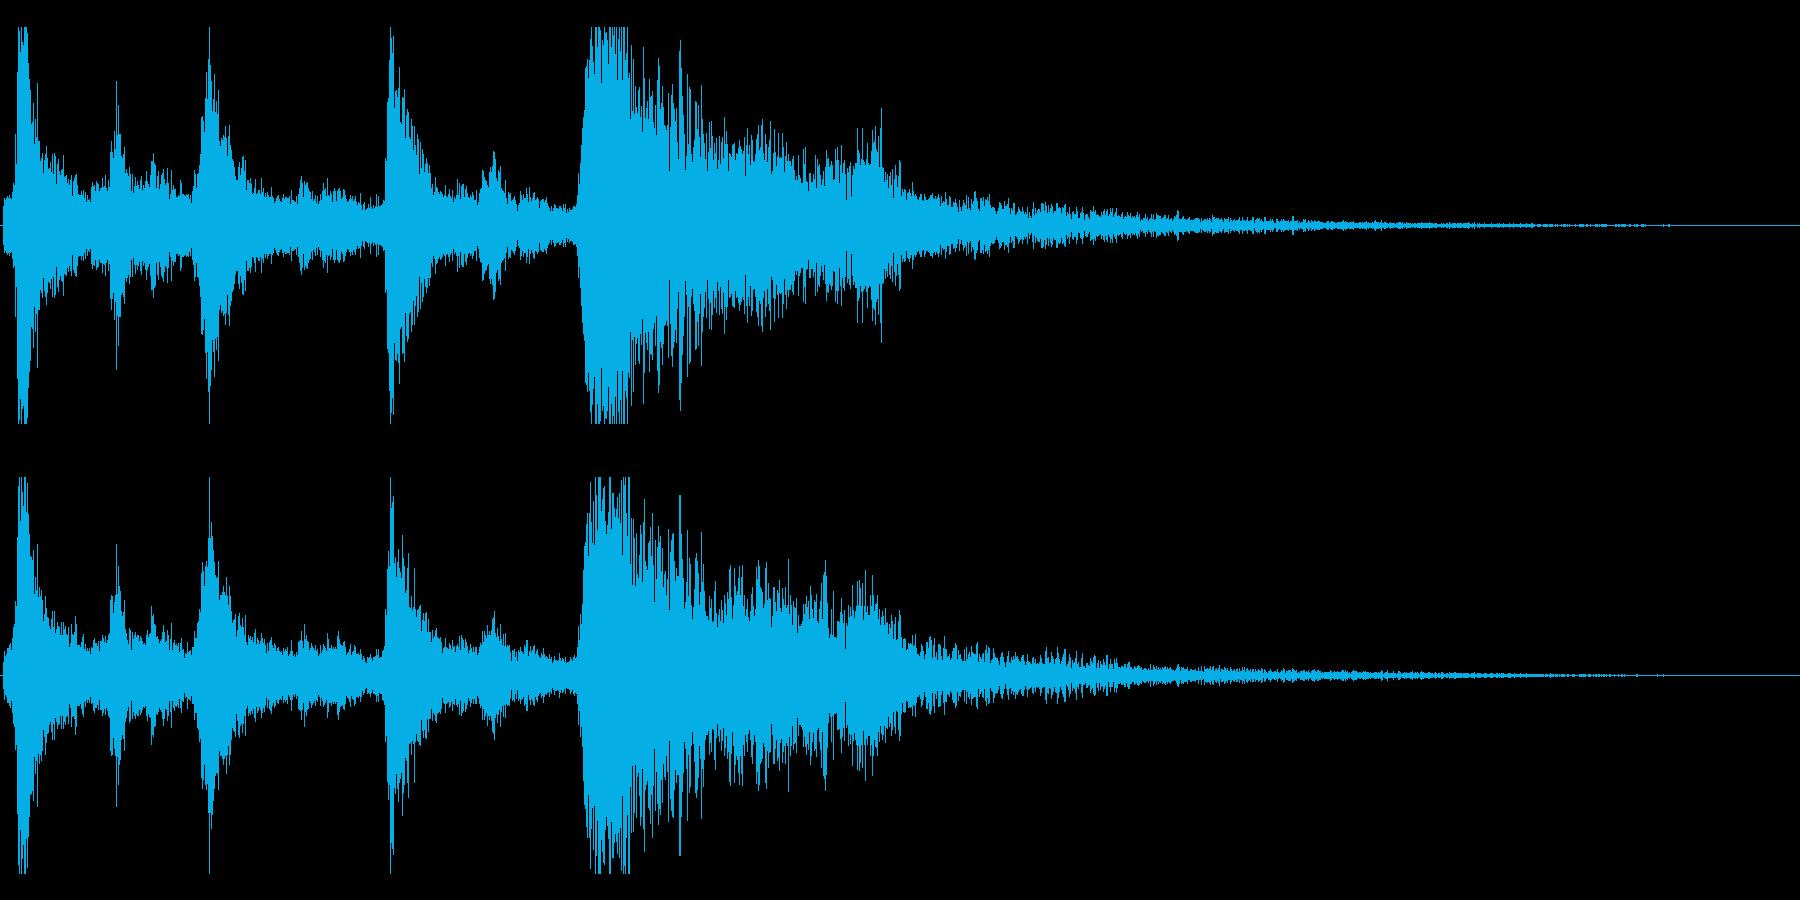 クリスマスのベル、鈴の効果音 ロゴ 12の再生済みの波形